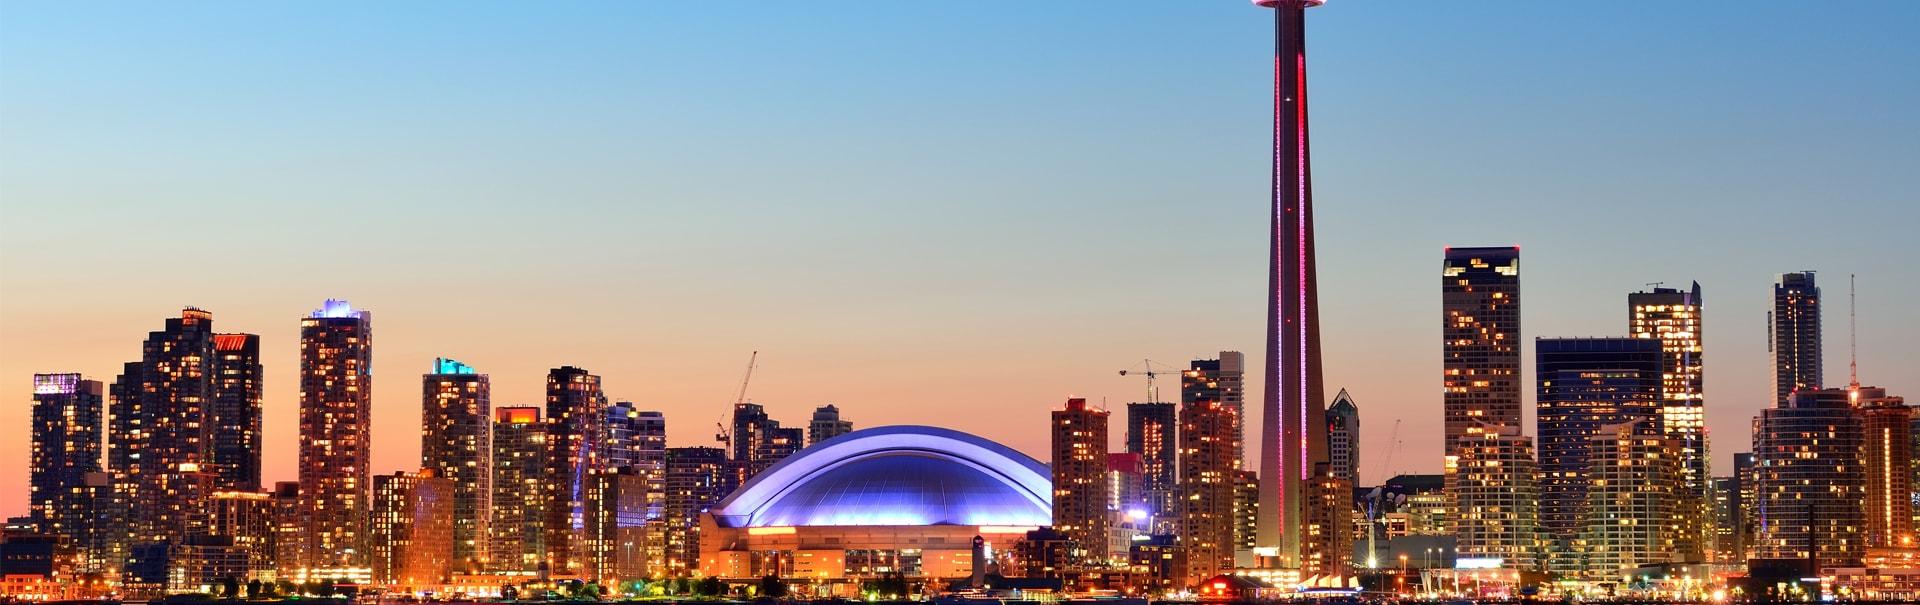 Toronto Niagara Falls (SHCA9) Banner